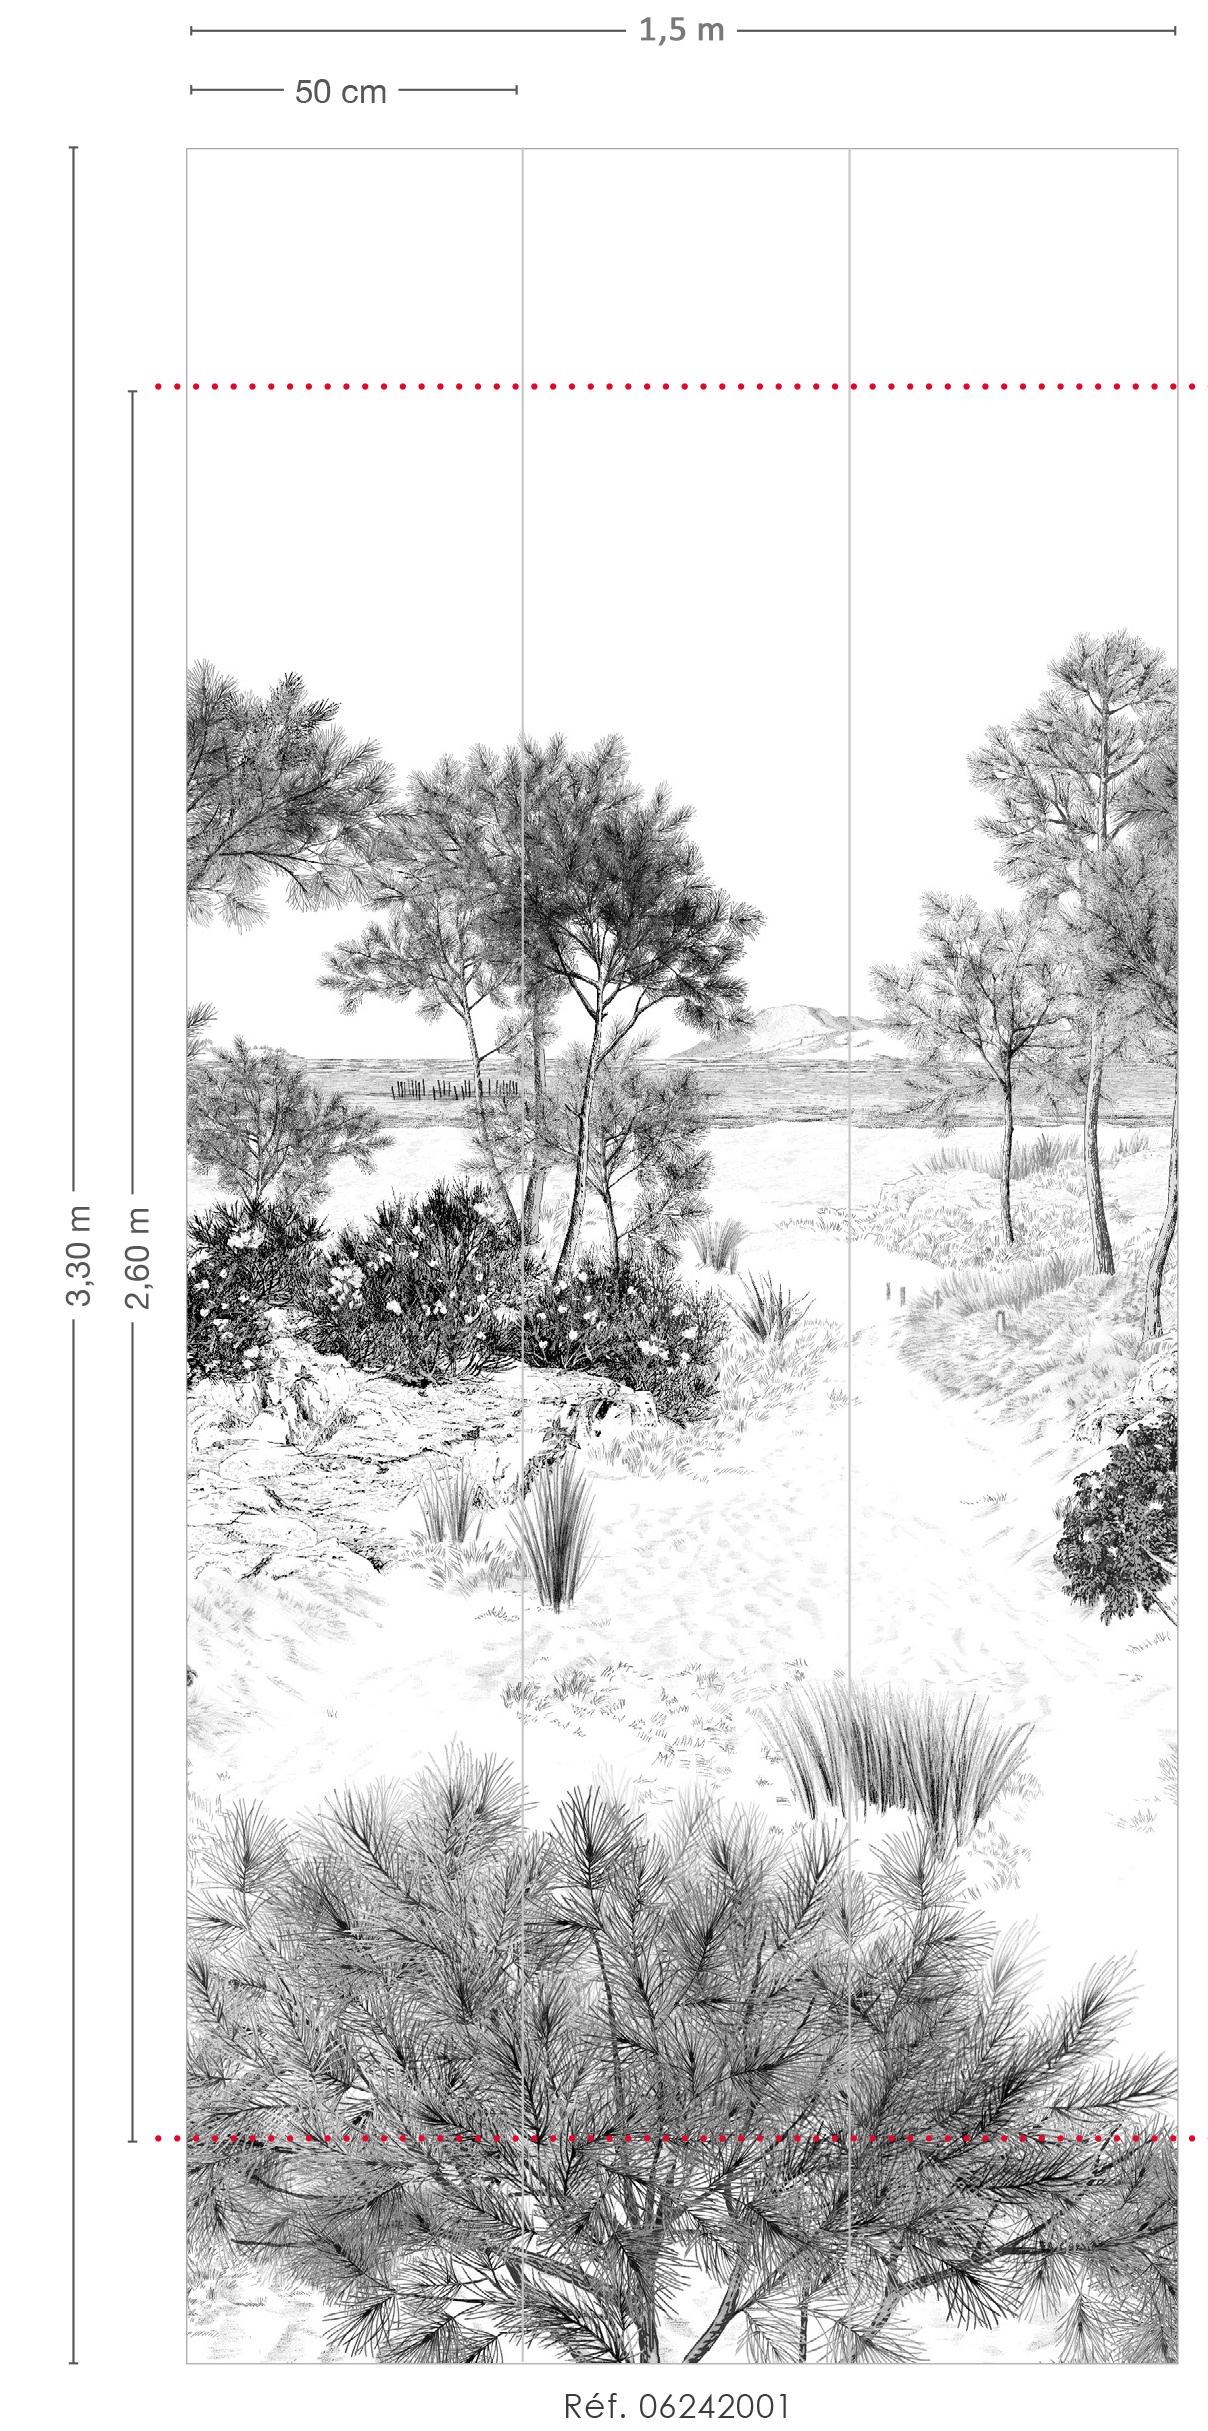 Papier Peint Panoramique Paysage papier peint panoramique dune - 1/2/3 - isidore leroy